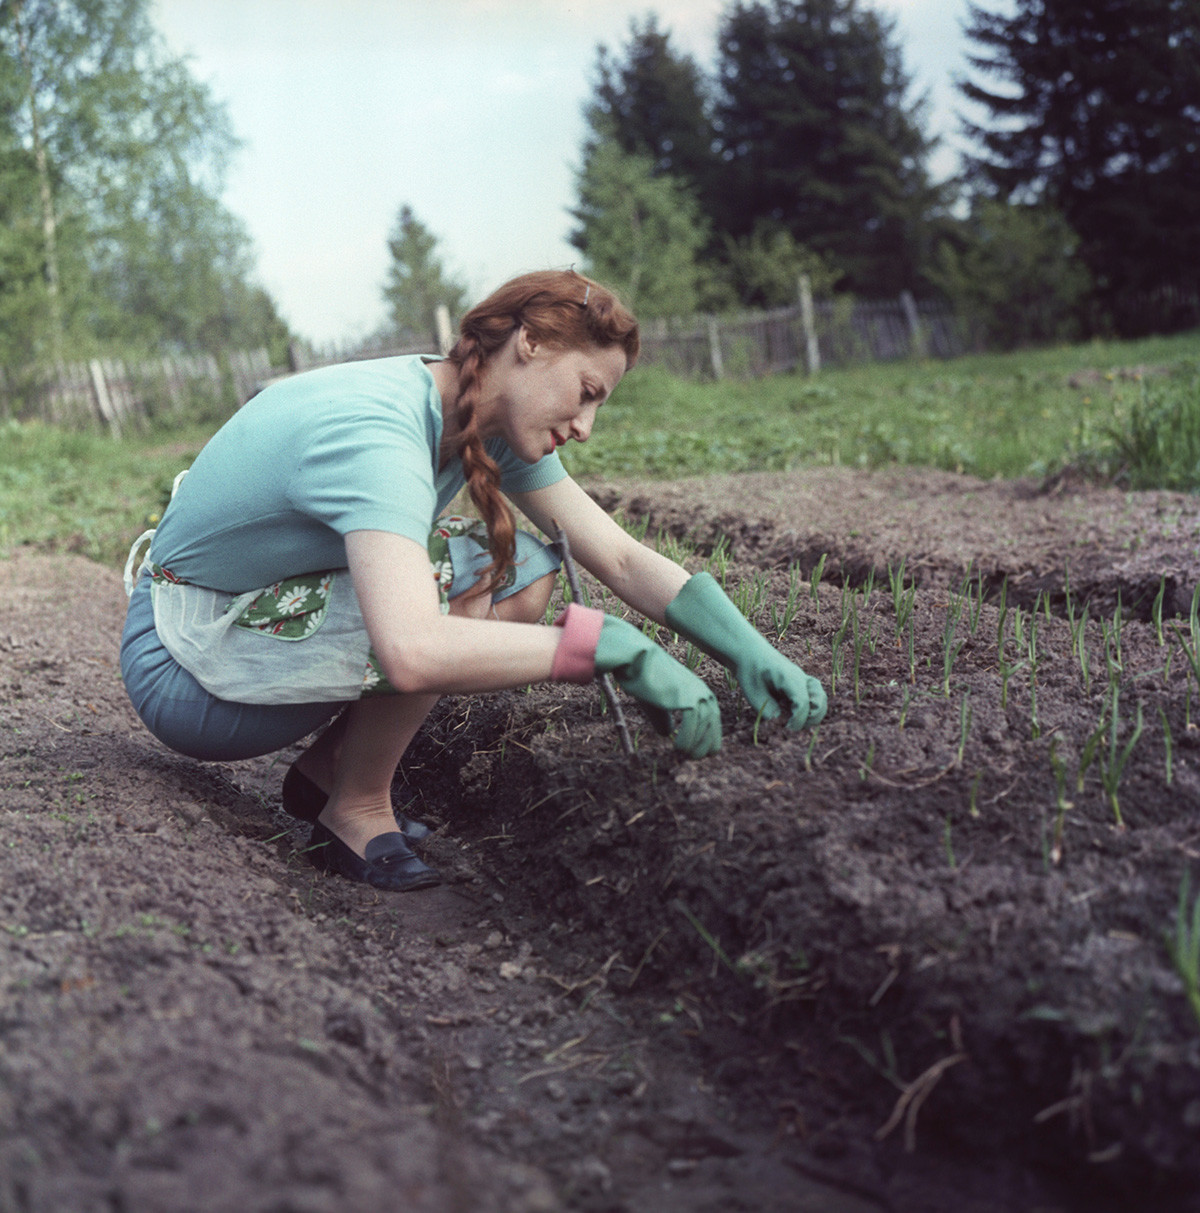 ダーチャで畑仕事をするバレリーナのマイヤ・プリセツカヤ